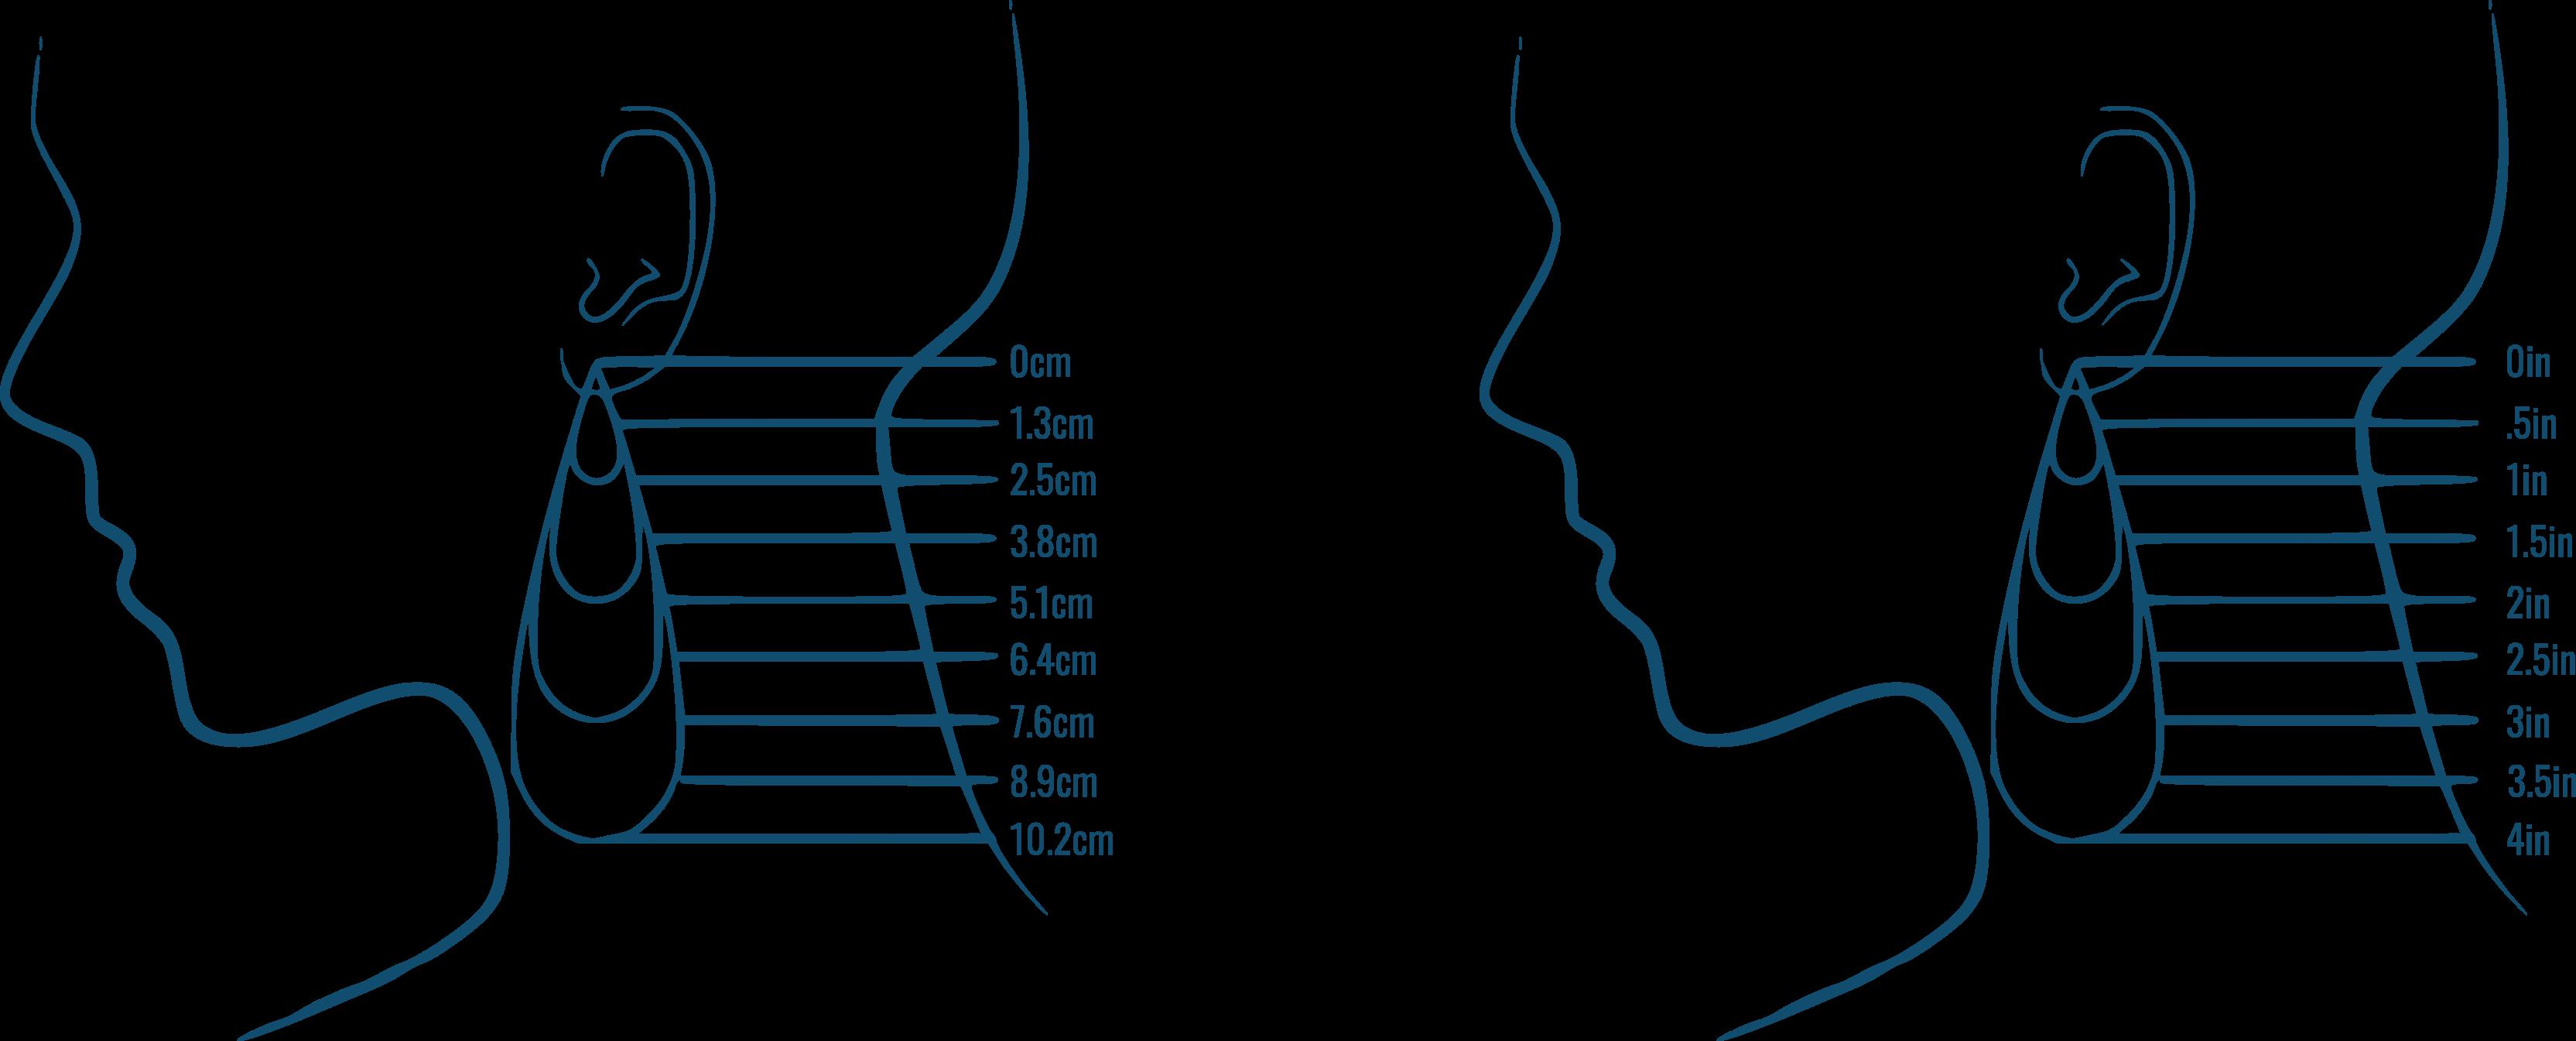 Earring Size Chart